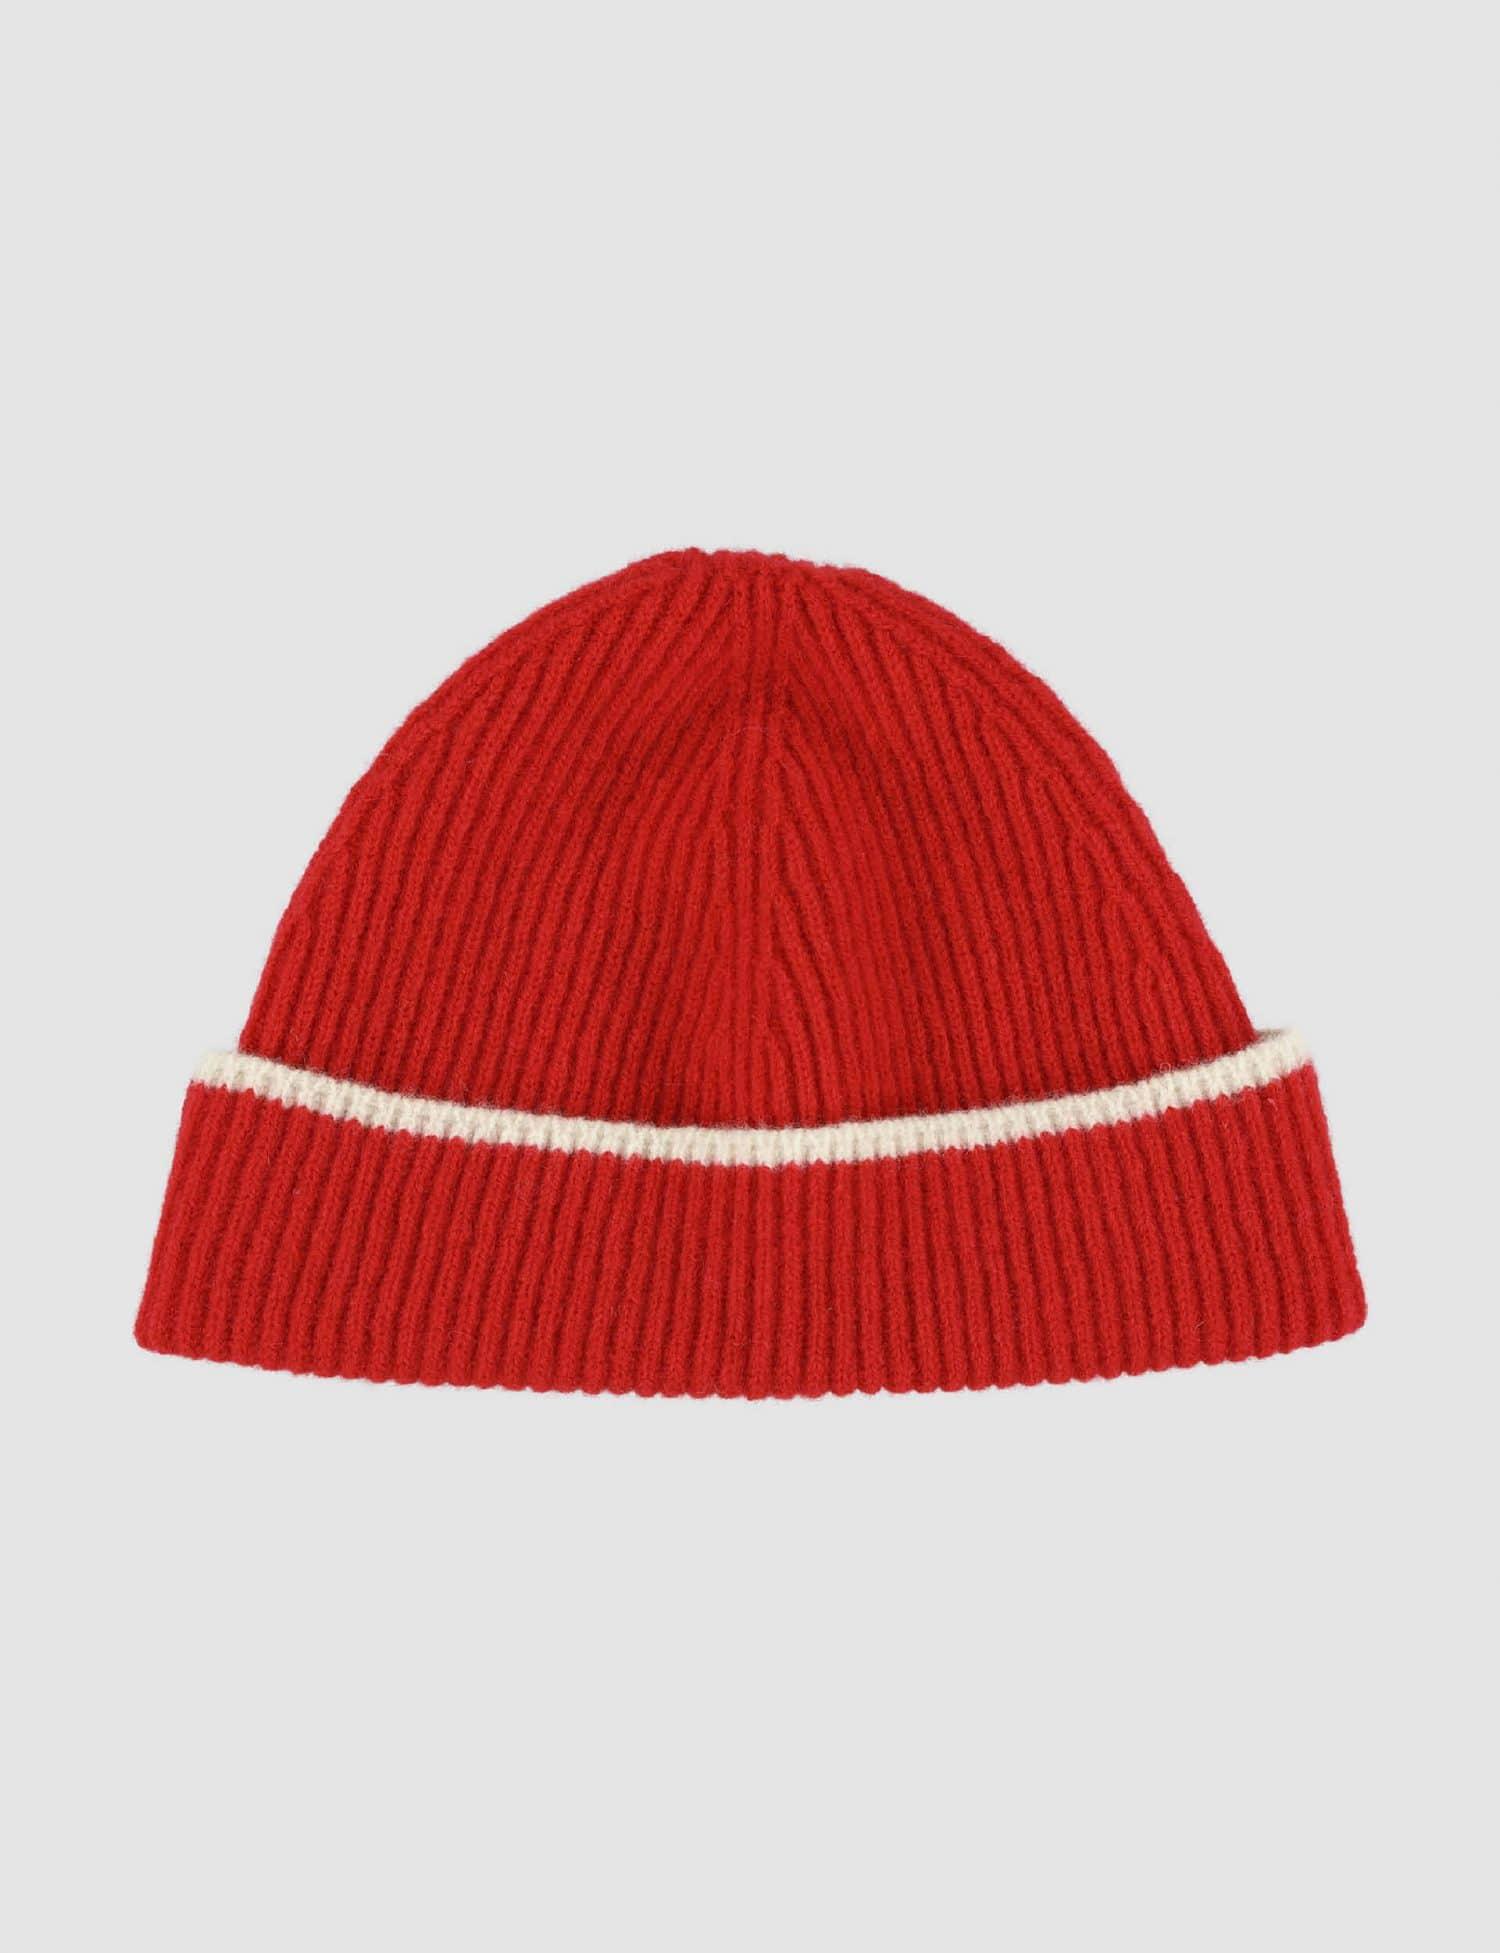 Barnett - Red